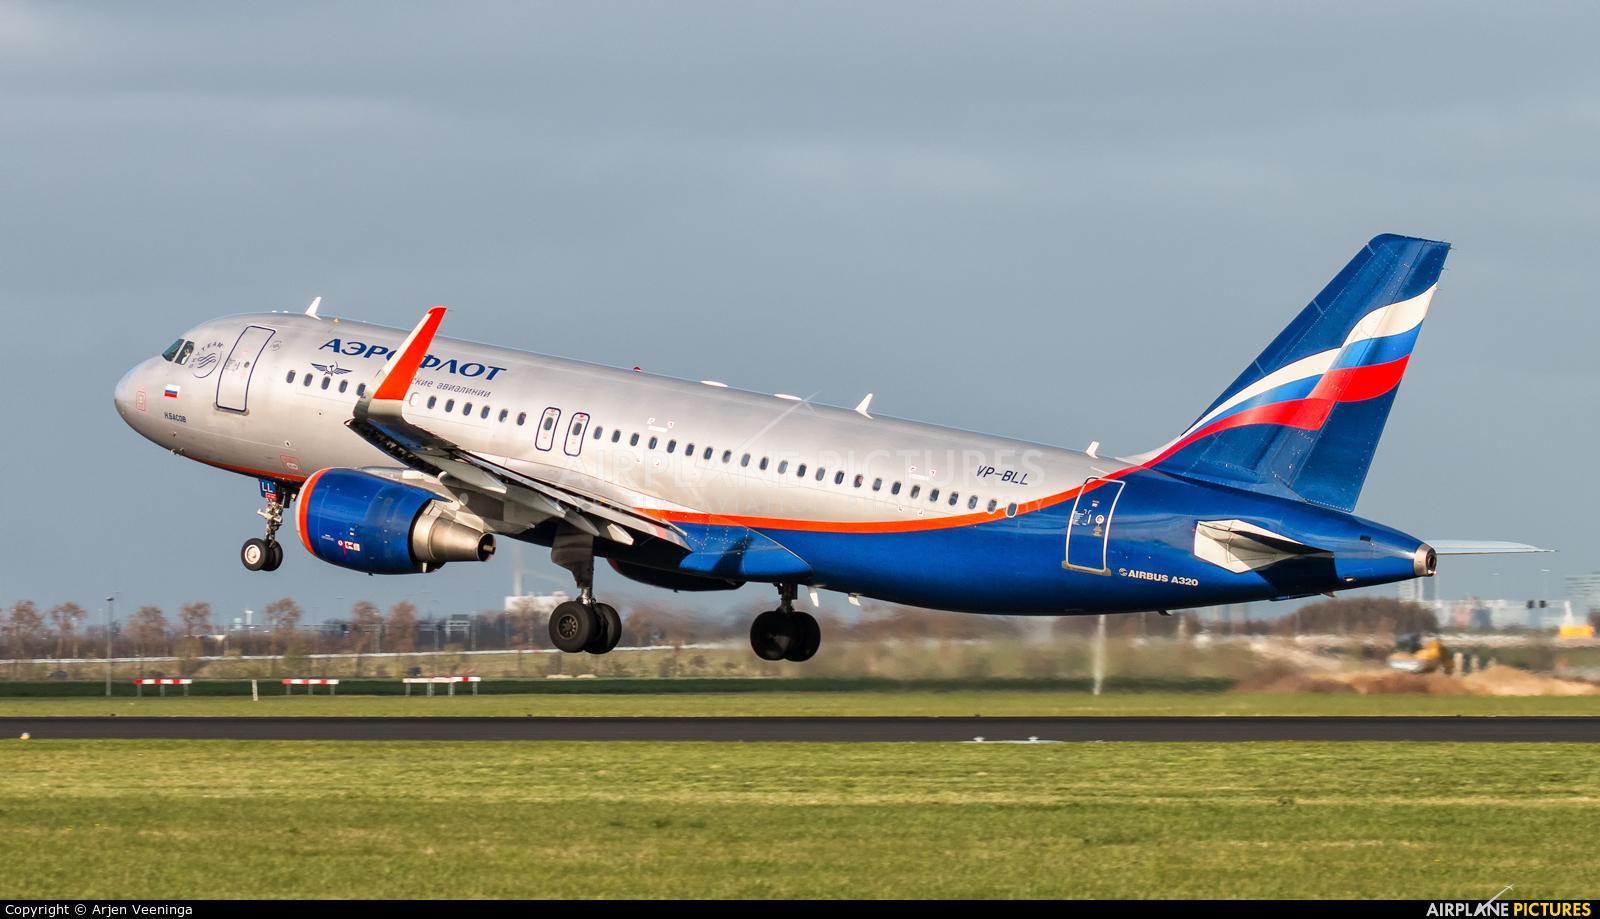 Aeroflot VP-BLL aircraft at Amsterdam - Schiphol